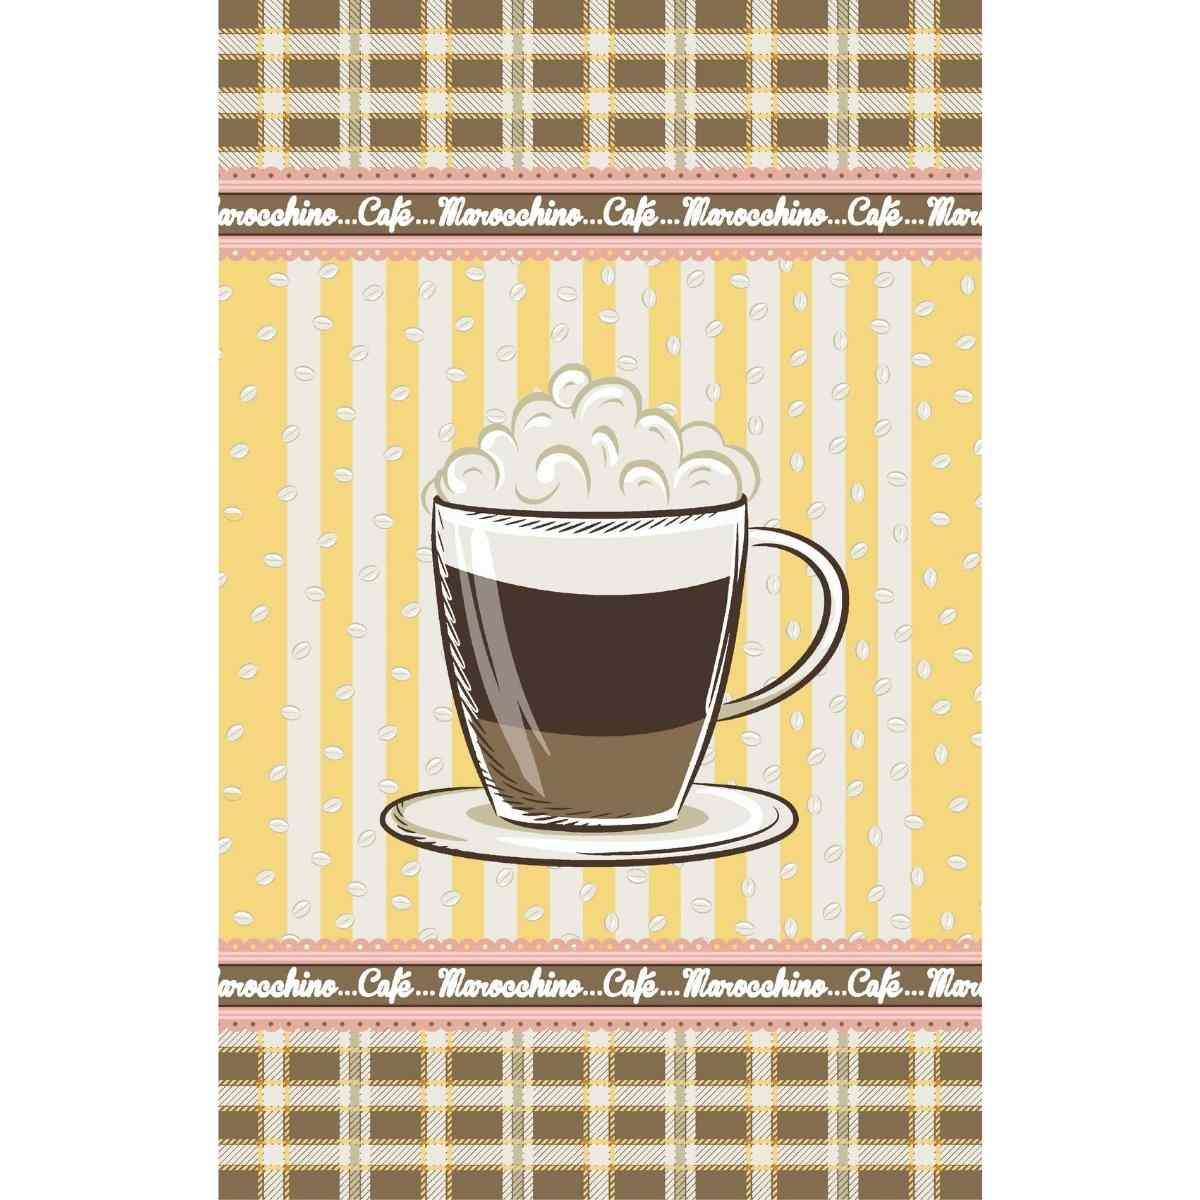 Pano de Copa 41x64 - Cafezinho 4